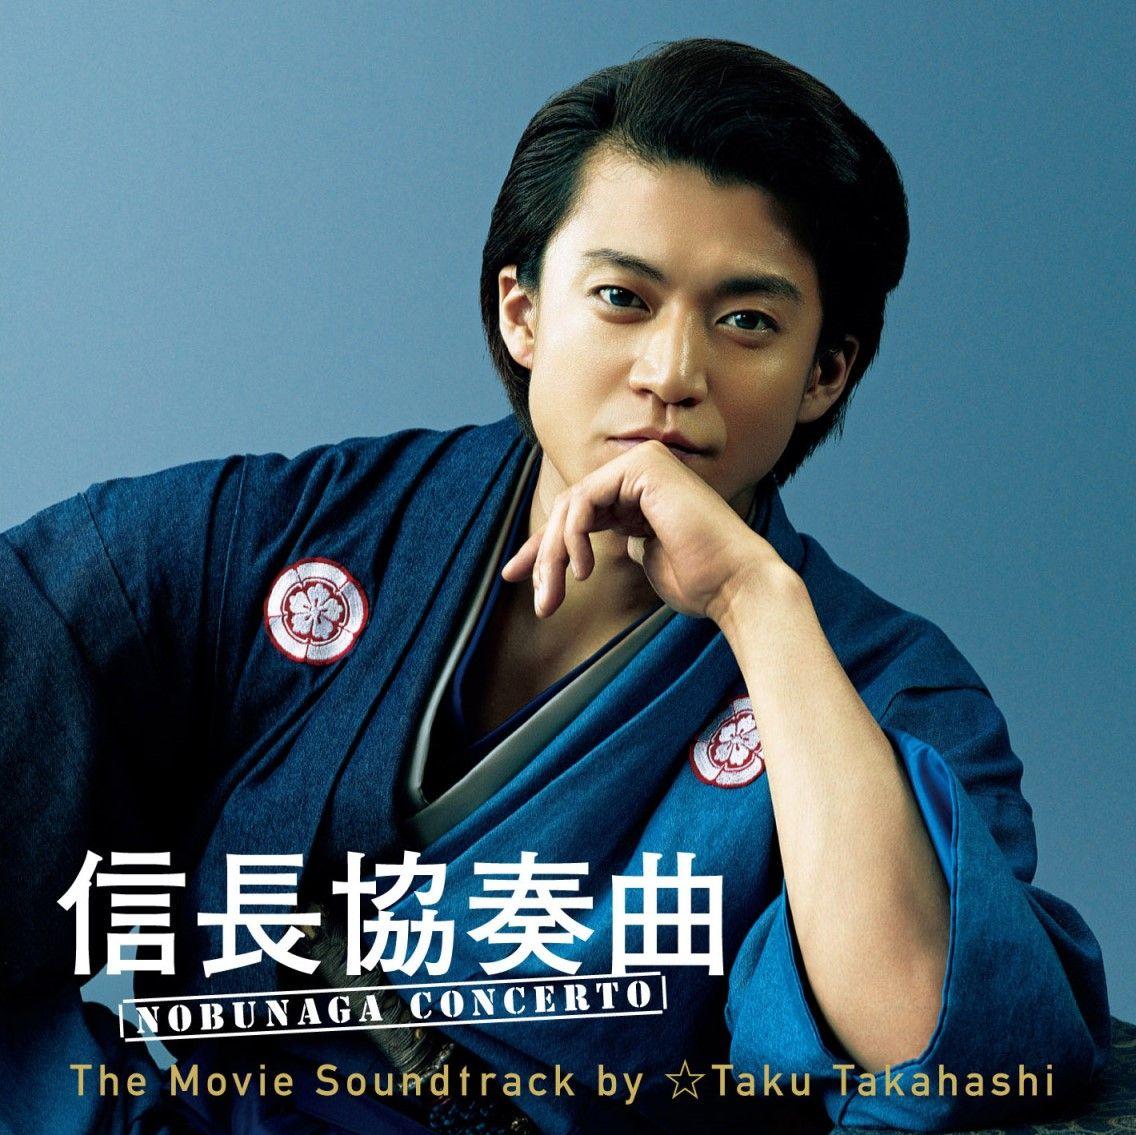 信長協奏曲 NOBUNAGA CONCERTO The Movie Soundtrack by ☆Taku Takahashi画像